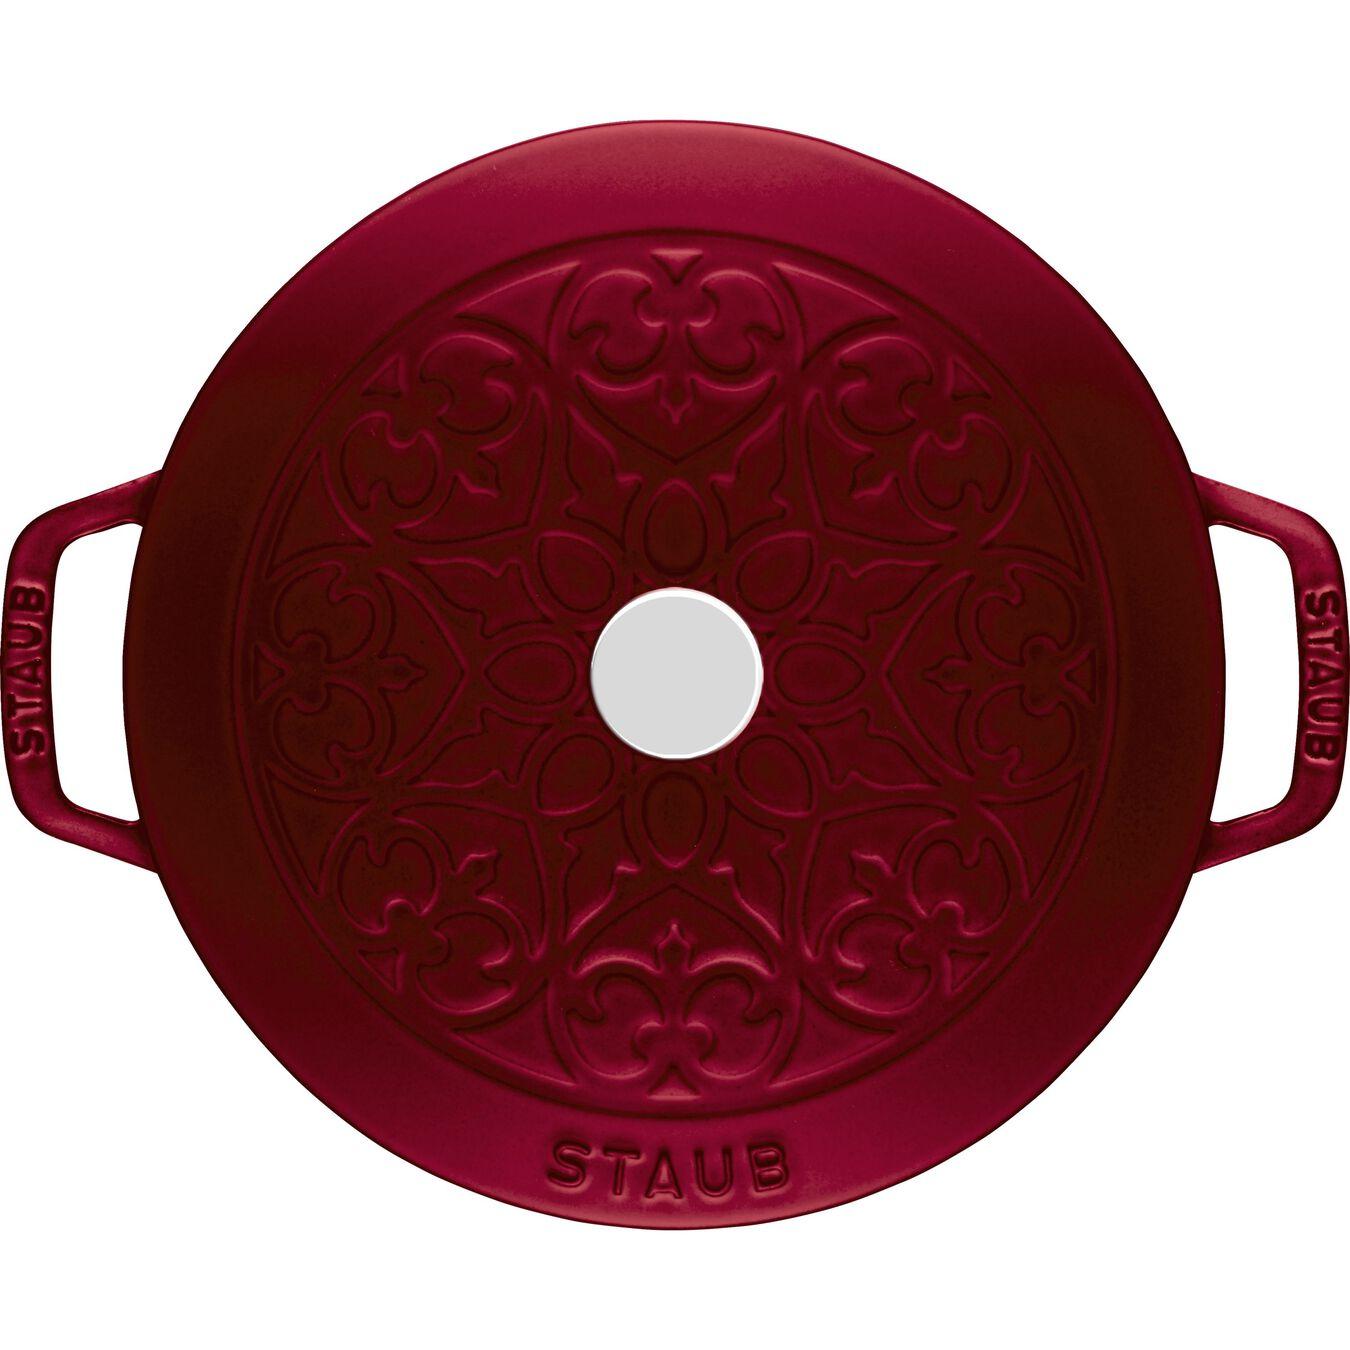 Pot set, lily decal, 2 Piece | round | cast iron | Bordeaux,,large 3